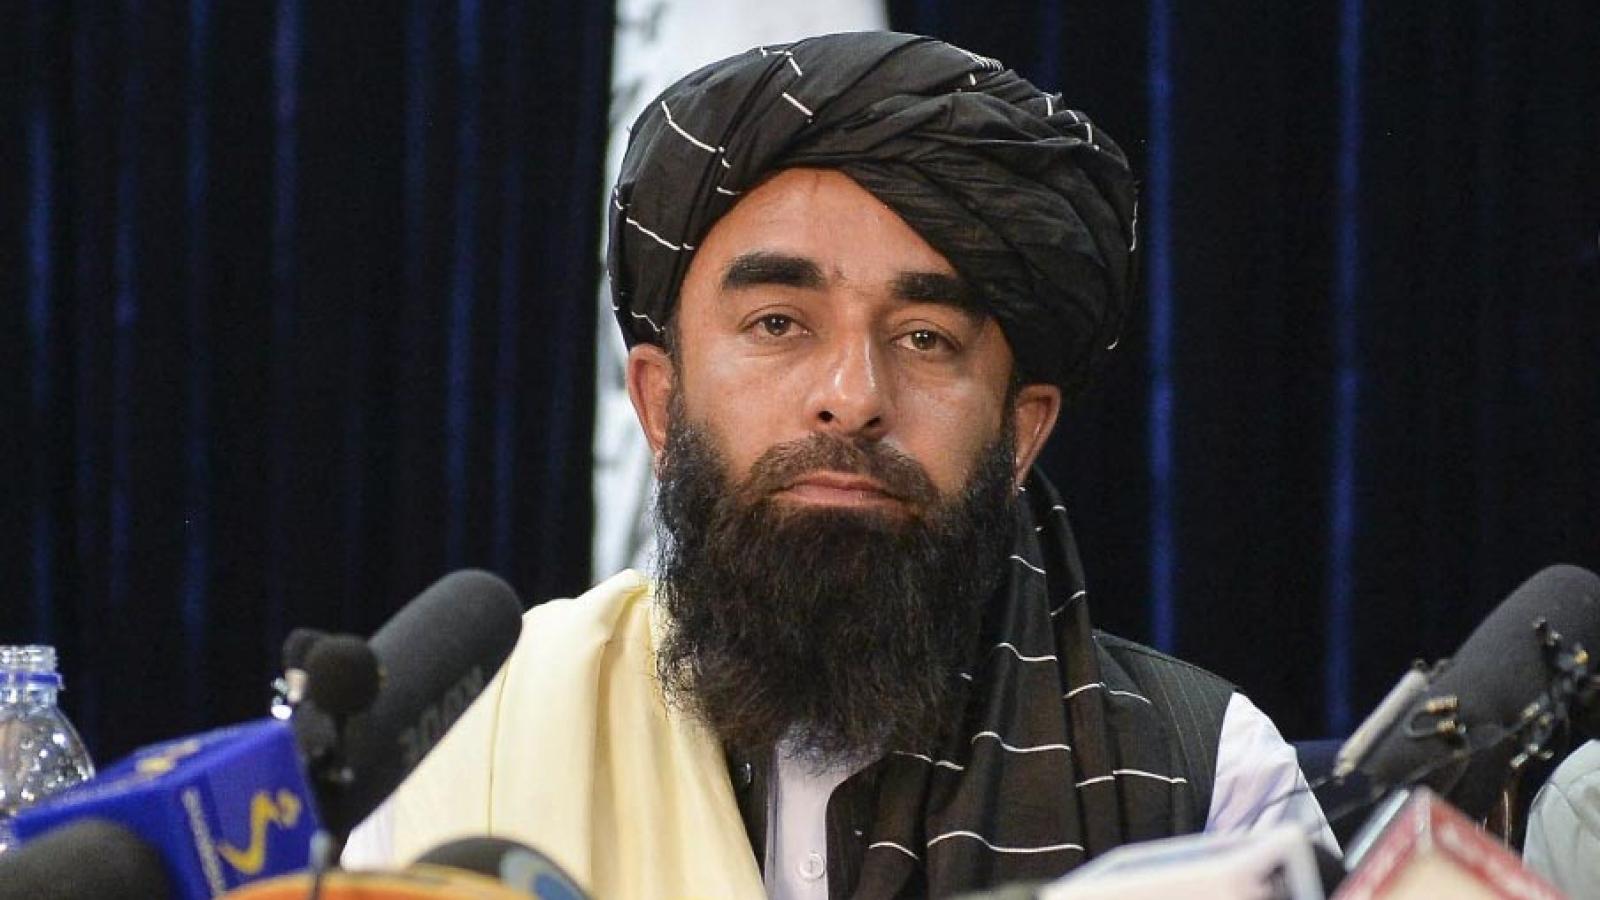 Taliban công bố các thành viên còn lại trong nội các, không có phụ nữ được bổ nhiệm